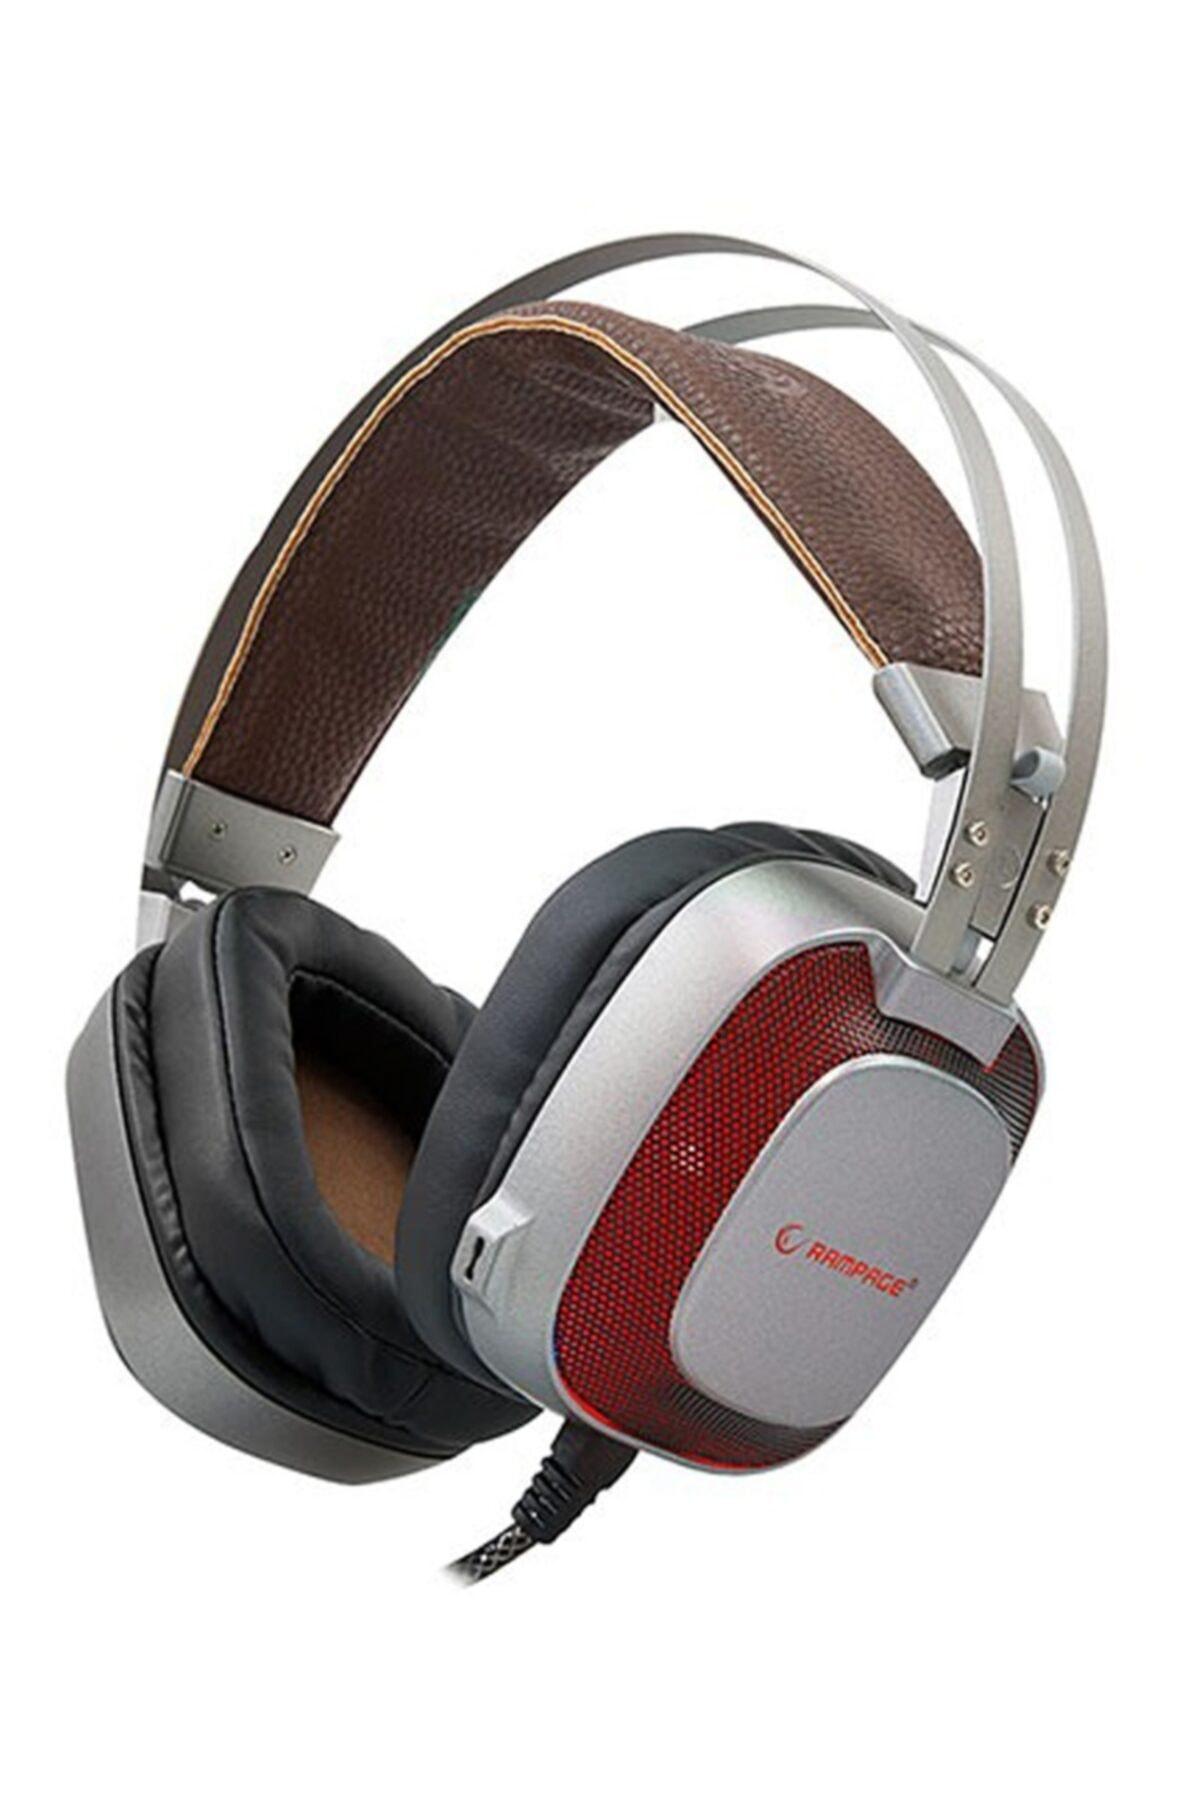 Rampage SN-RW77 PRESTIGE USB 7.1 Metalik Gri Gizli Mikrofonlu 7 Renk Ledli Oyuncu Kulaklık 1